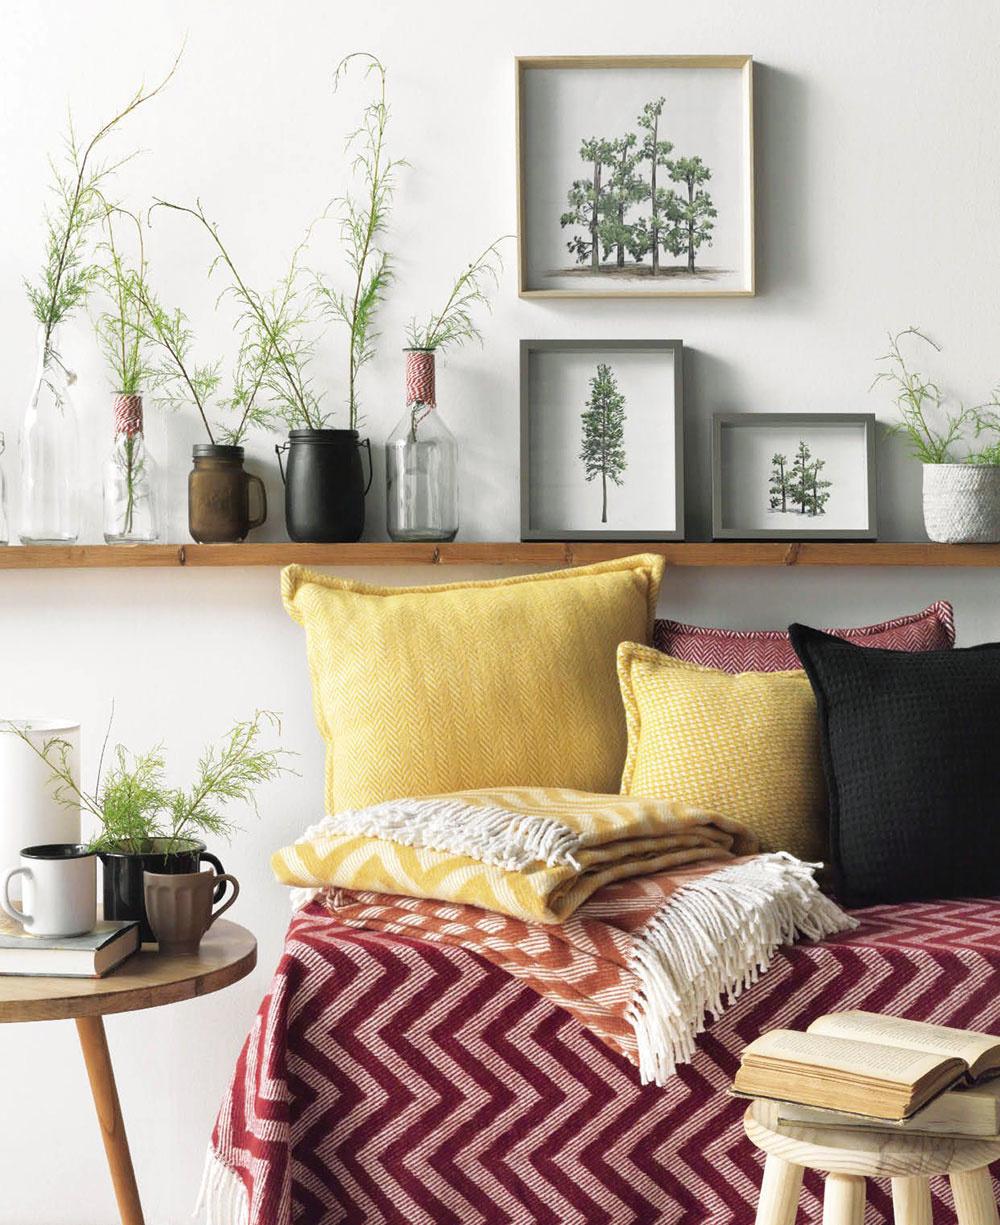 Sklenené vázičky skvietkami či konármi, prípadne zarámované vylisované rastliny, sa hodia do každej obývačky aokrem toho, že interiér doslova oživia, prezradia omajiteľoch aj to, že majú vzťah kprírode.